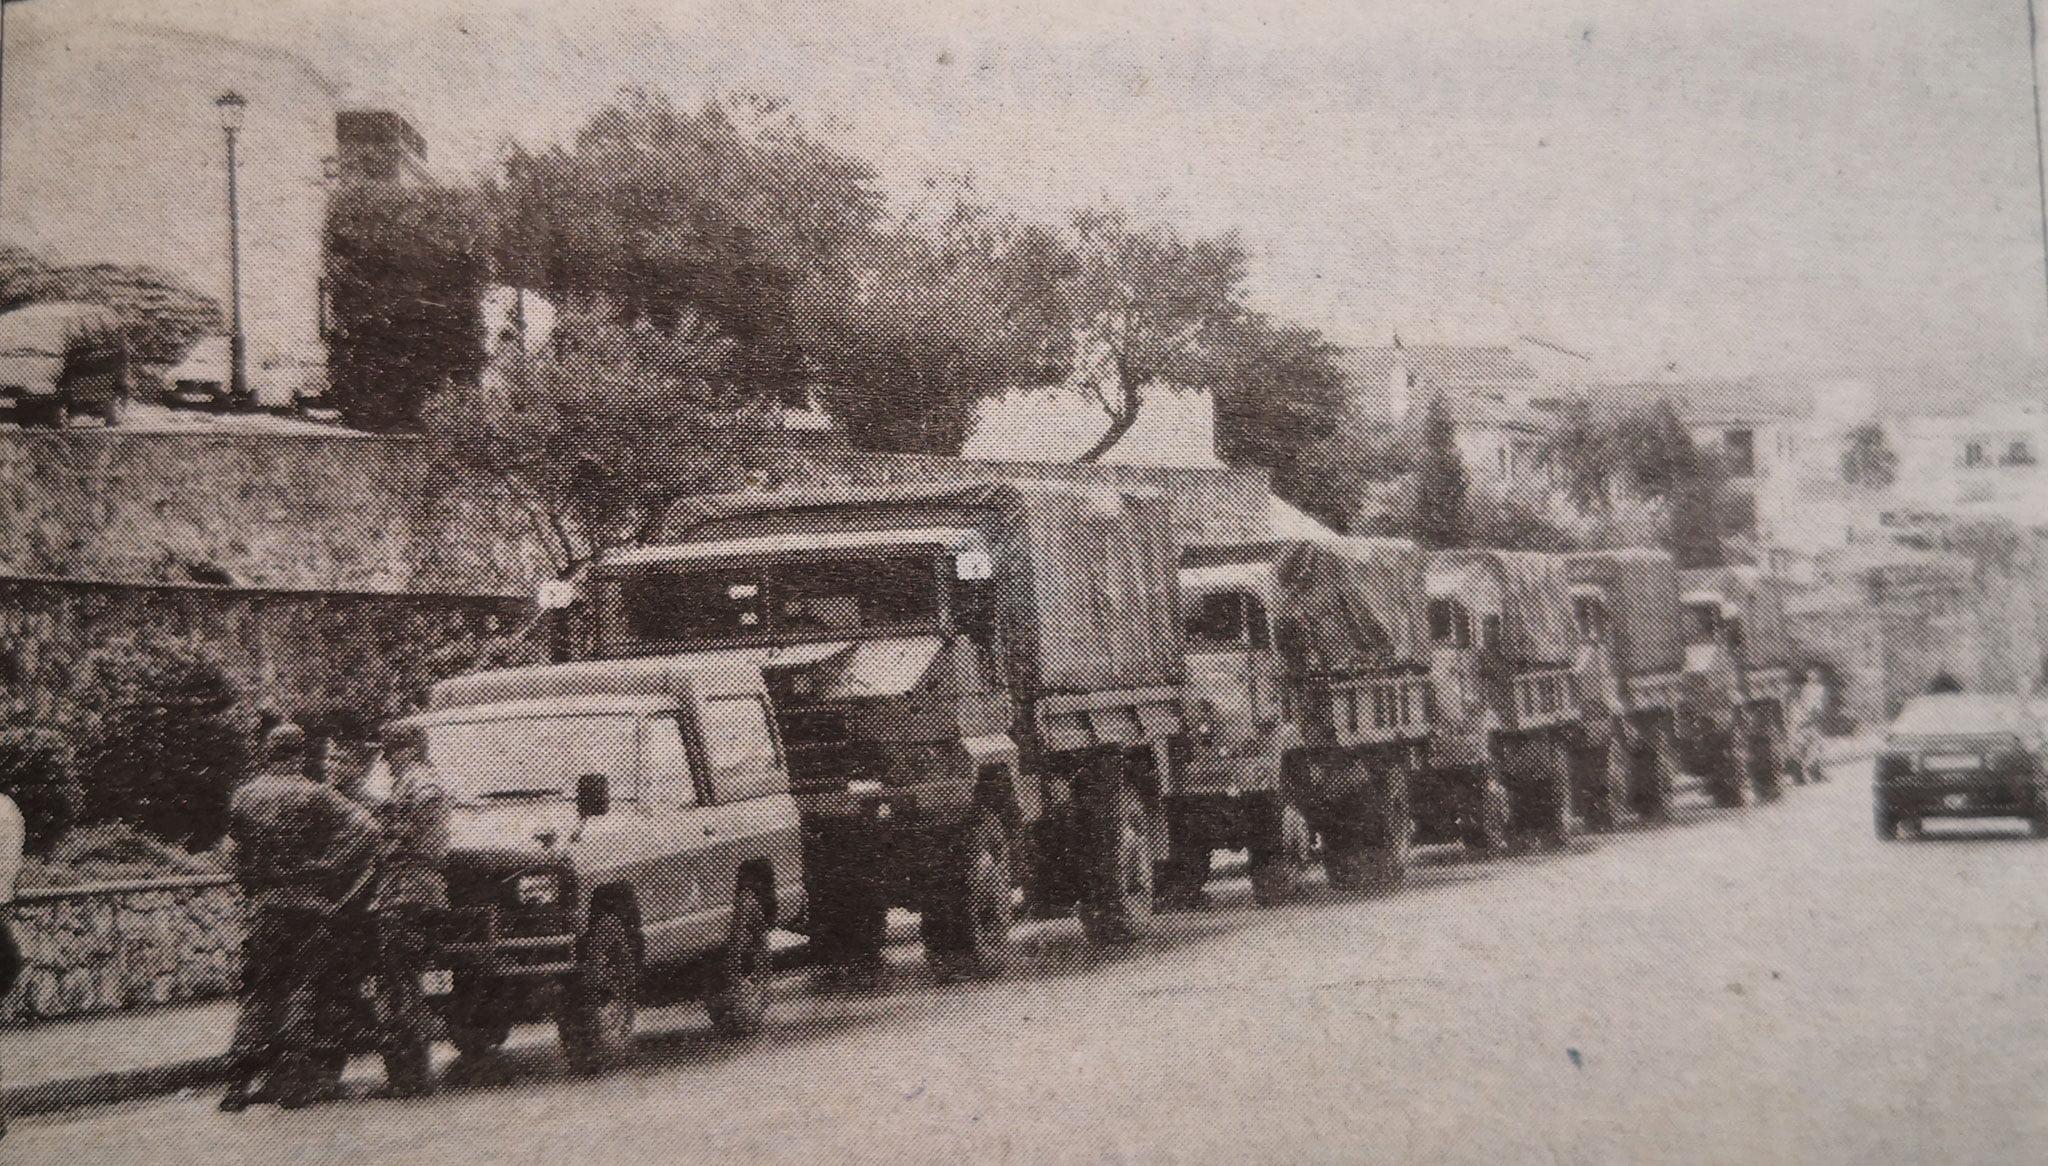 Camions de l'exèrcit estacionats en Ronda de les Muralles a 1996 (Foto: Canfali Marina Alta)